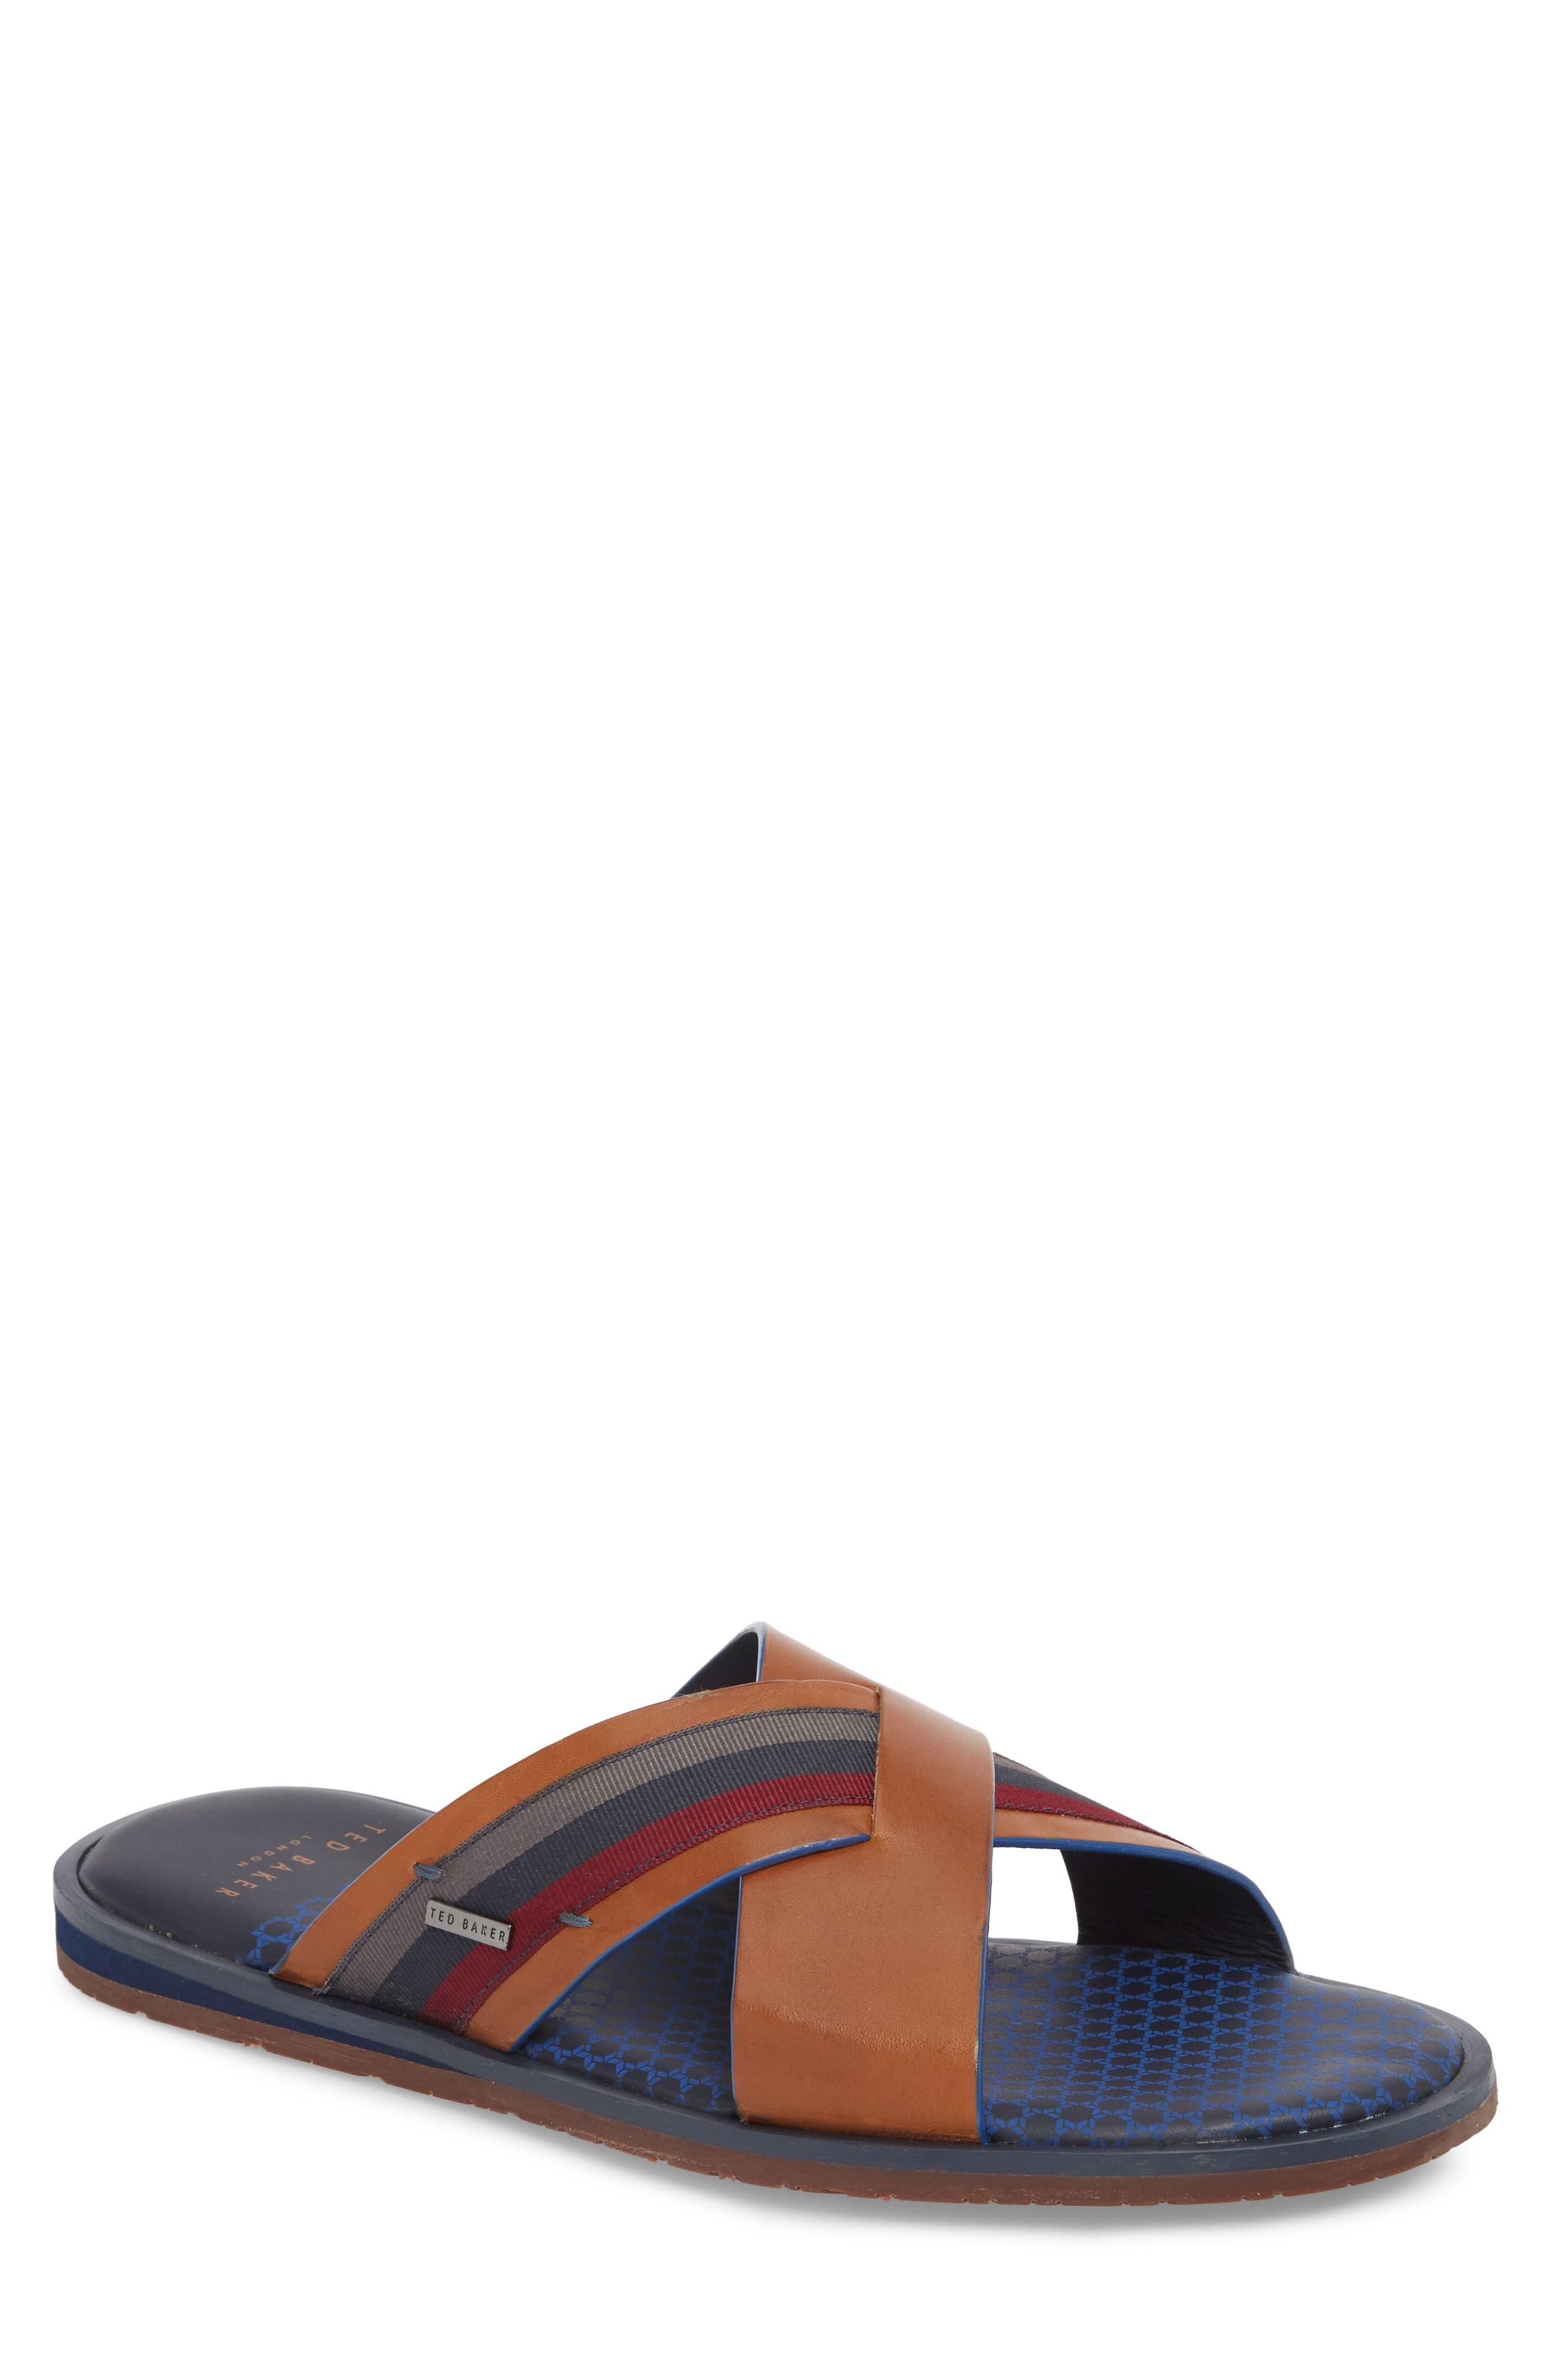 Farrull Cross Strap Slide Sandal,                         Main,                         color, 204